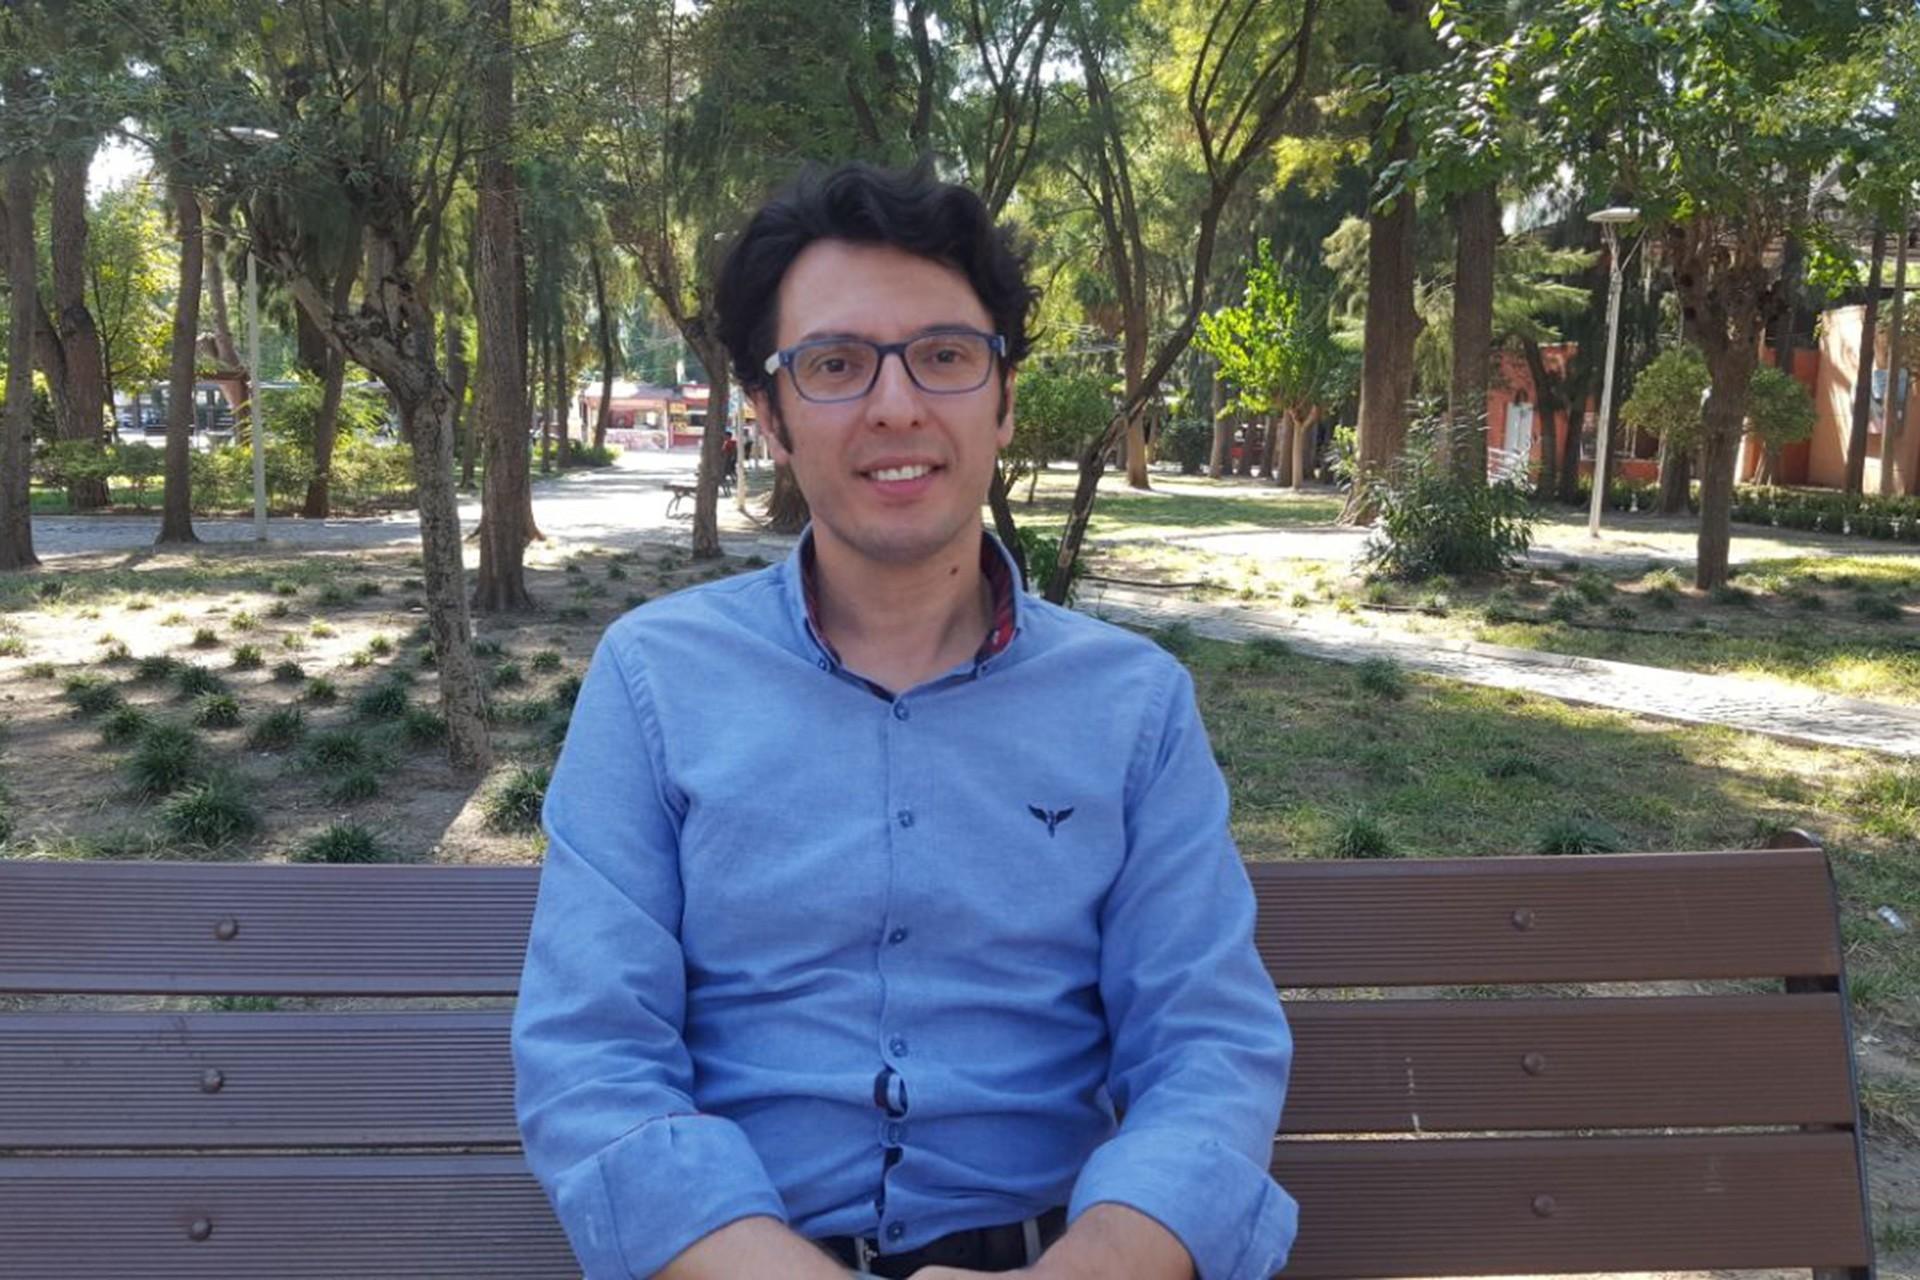 JMO İzmir Başkanı Sinancan Öziçer: Deprem olmazsa dünyadaki  yaşam biter